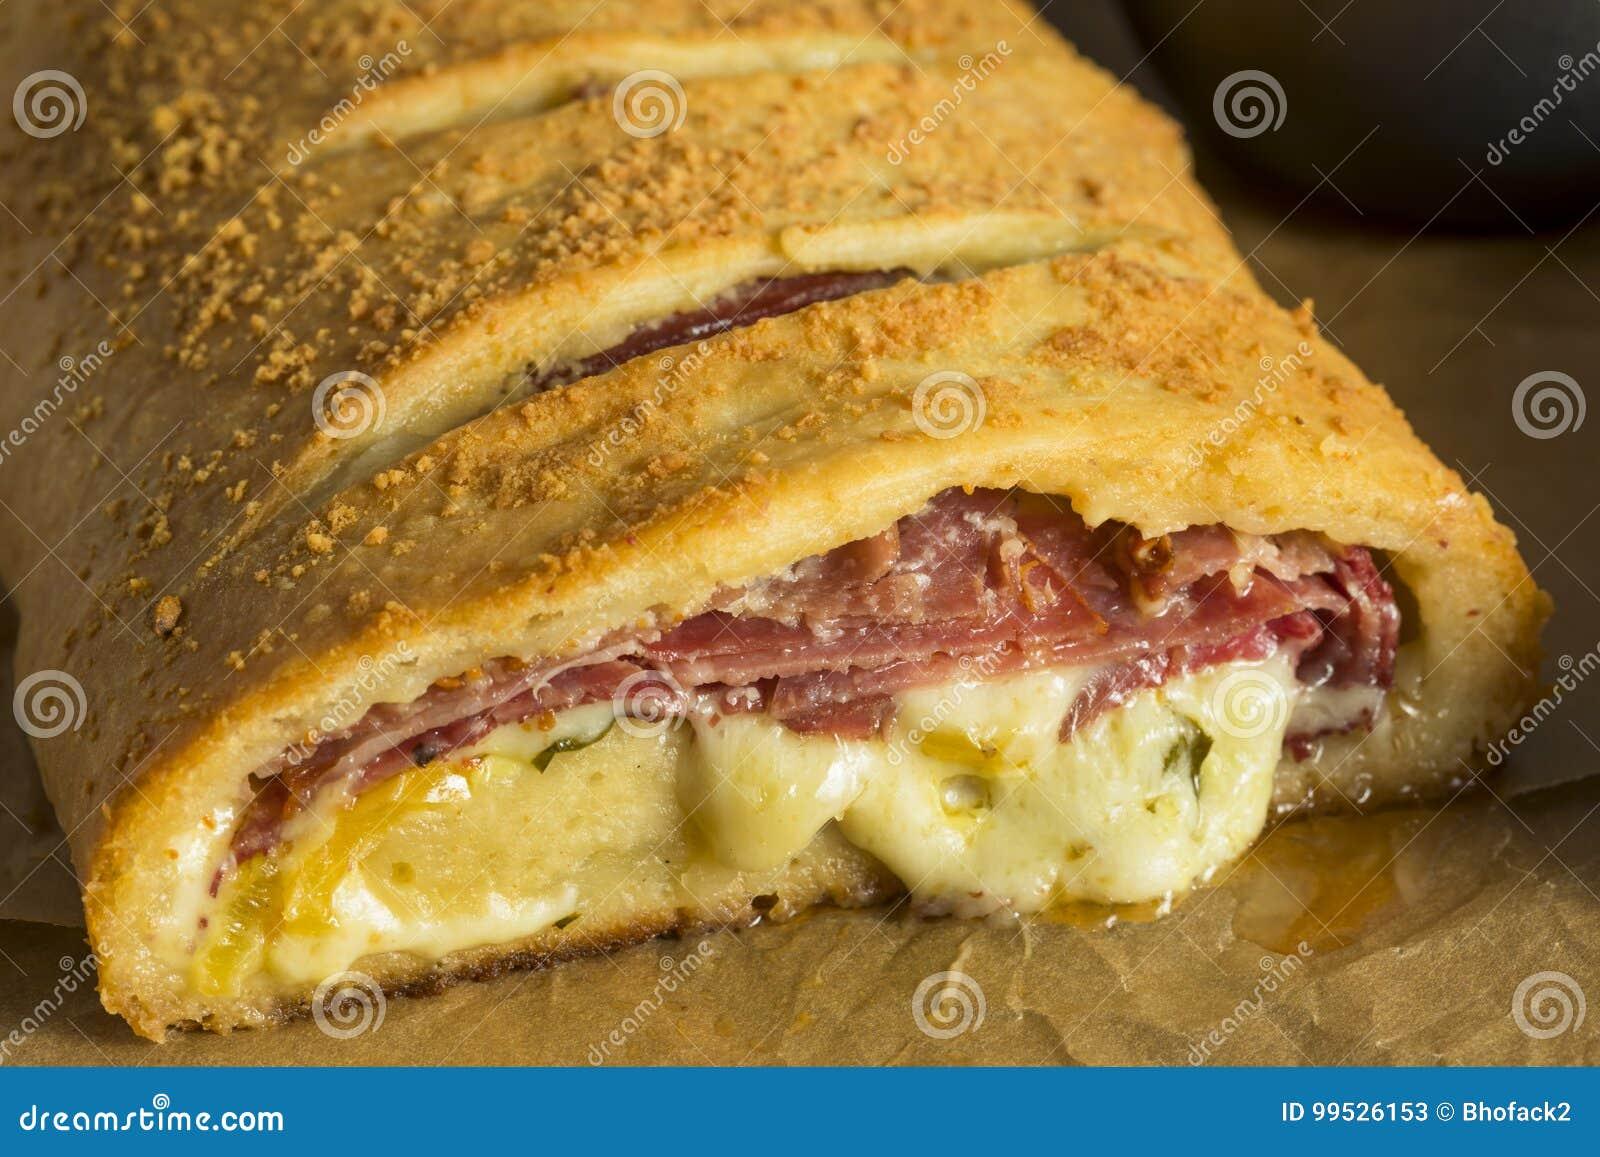 Italiano de queijo e Meaty caseiro Stromboli